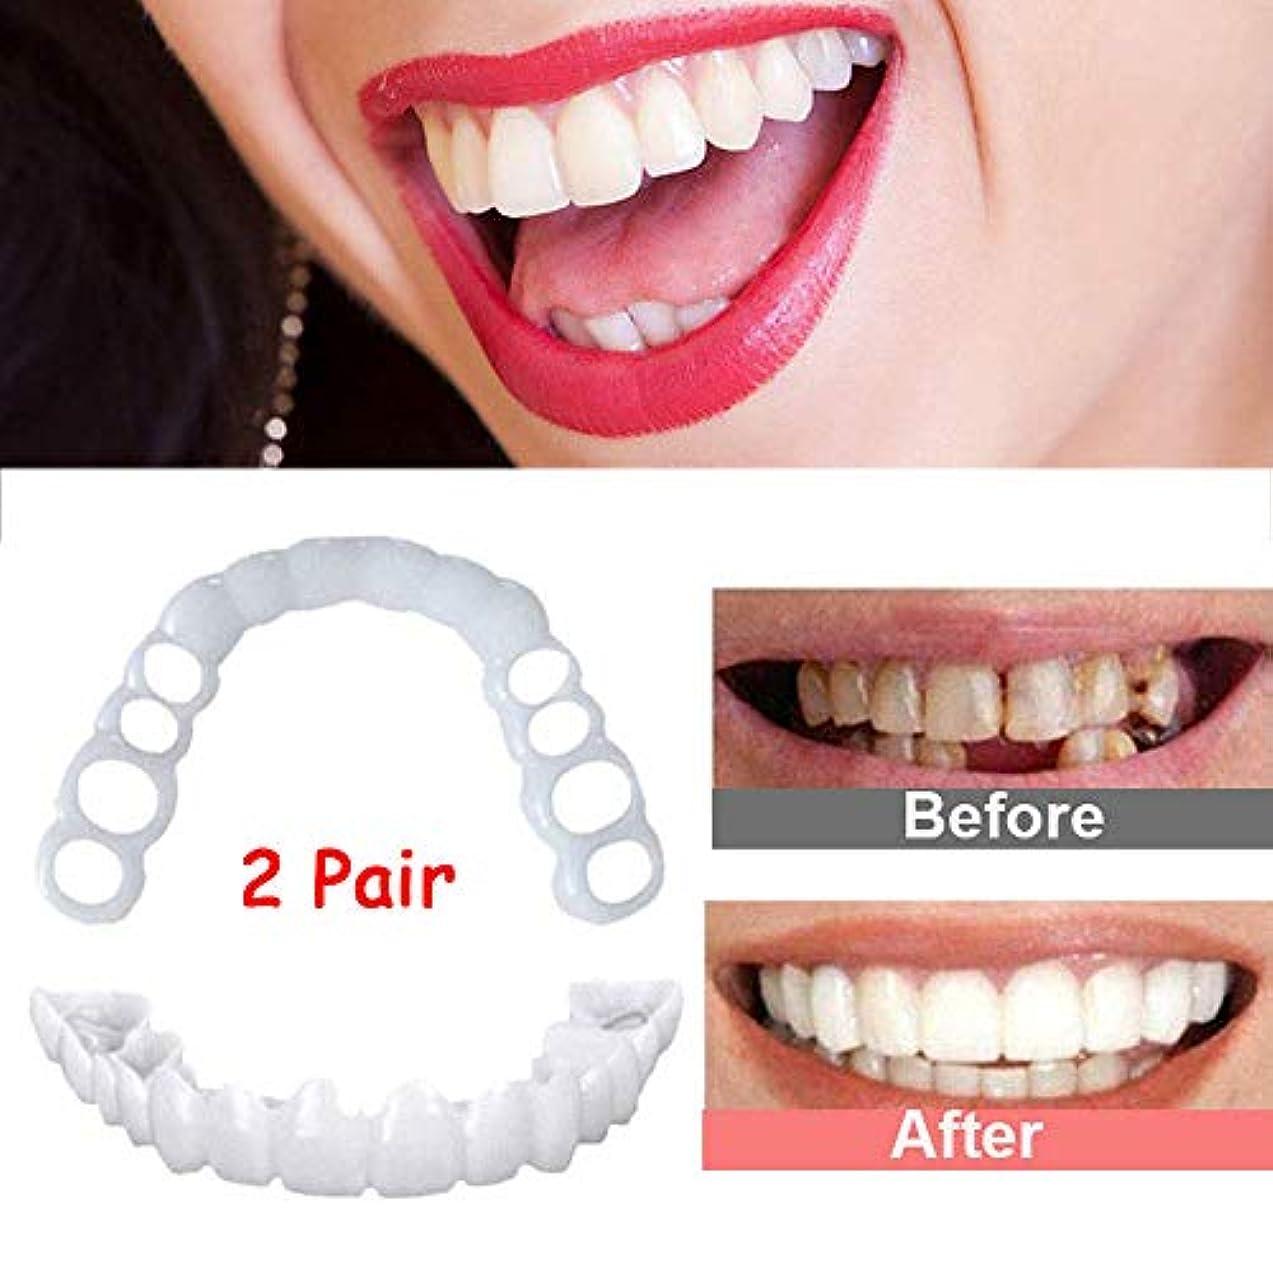 接辞アコー医師パーフェクトスマイルの2ペアの再利用可能なスナップが数分でホワイトニング義歯フィットフレックス化粧品の歯快適なベニヤカバーデンタルケアアクセサリーボックス付き